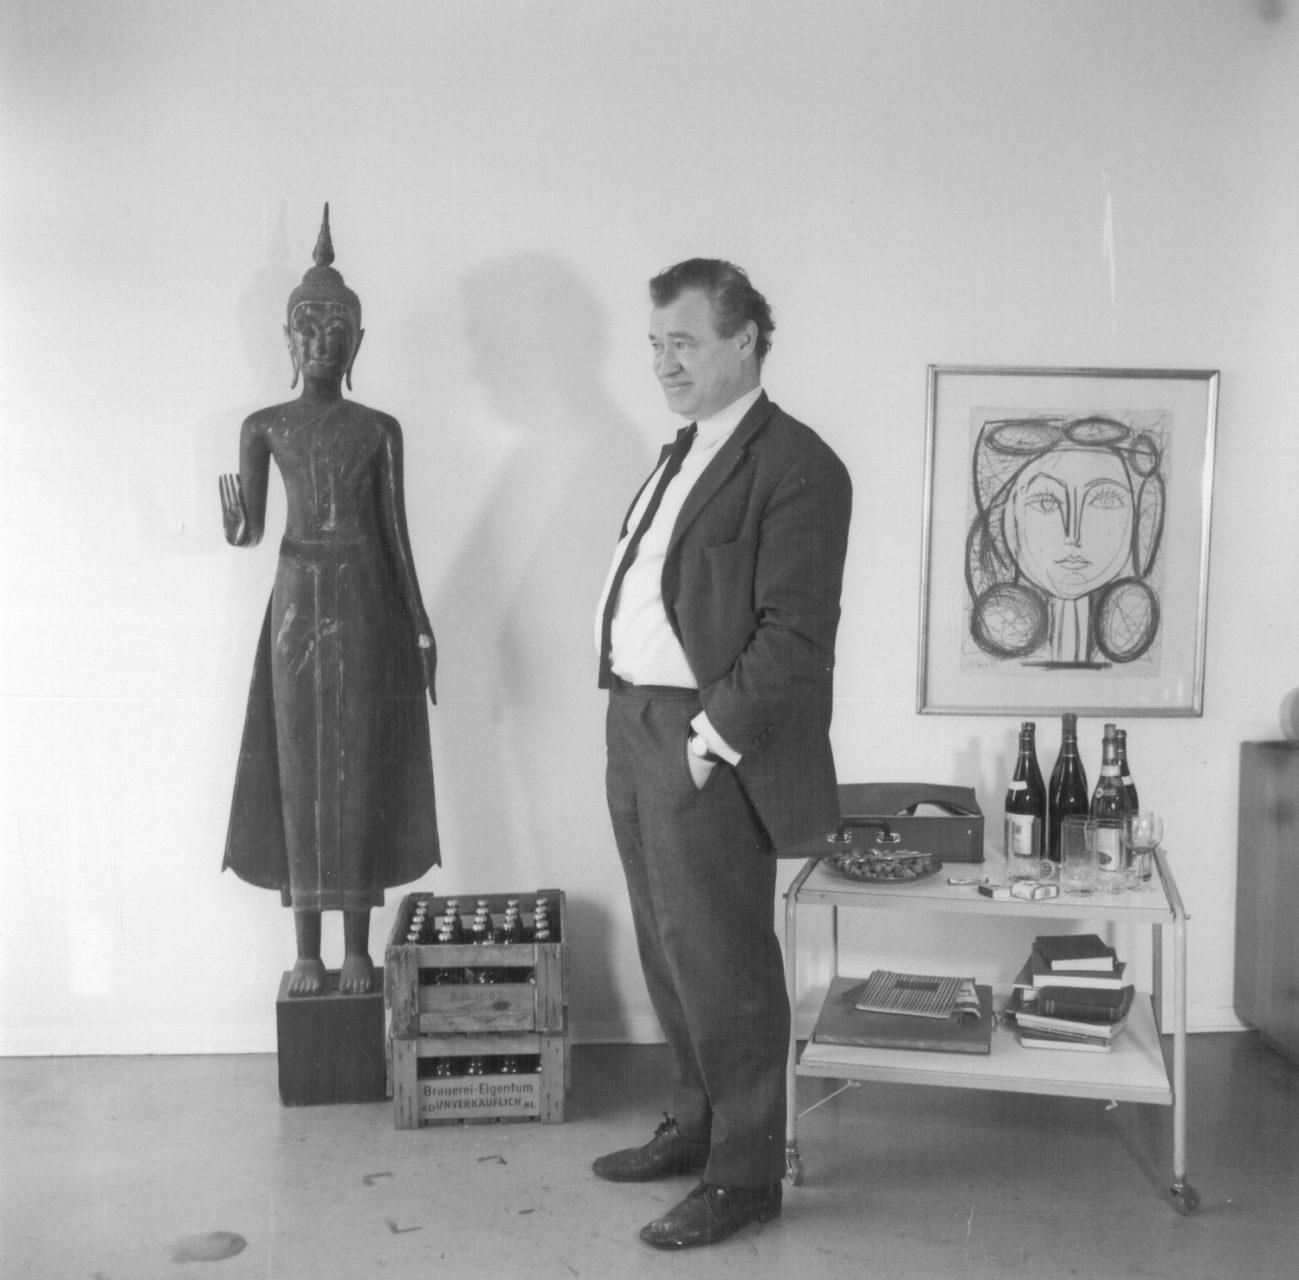 Portrait des Architekten Werner Düttmann vor einem Fest, o.J. Foto: Ingeborg Lommatzsch